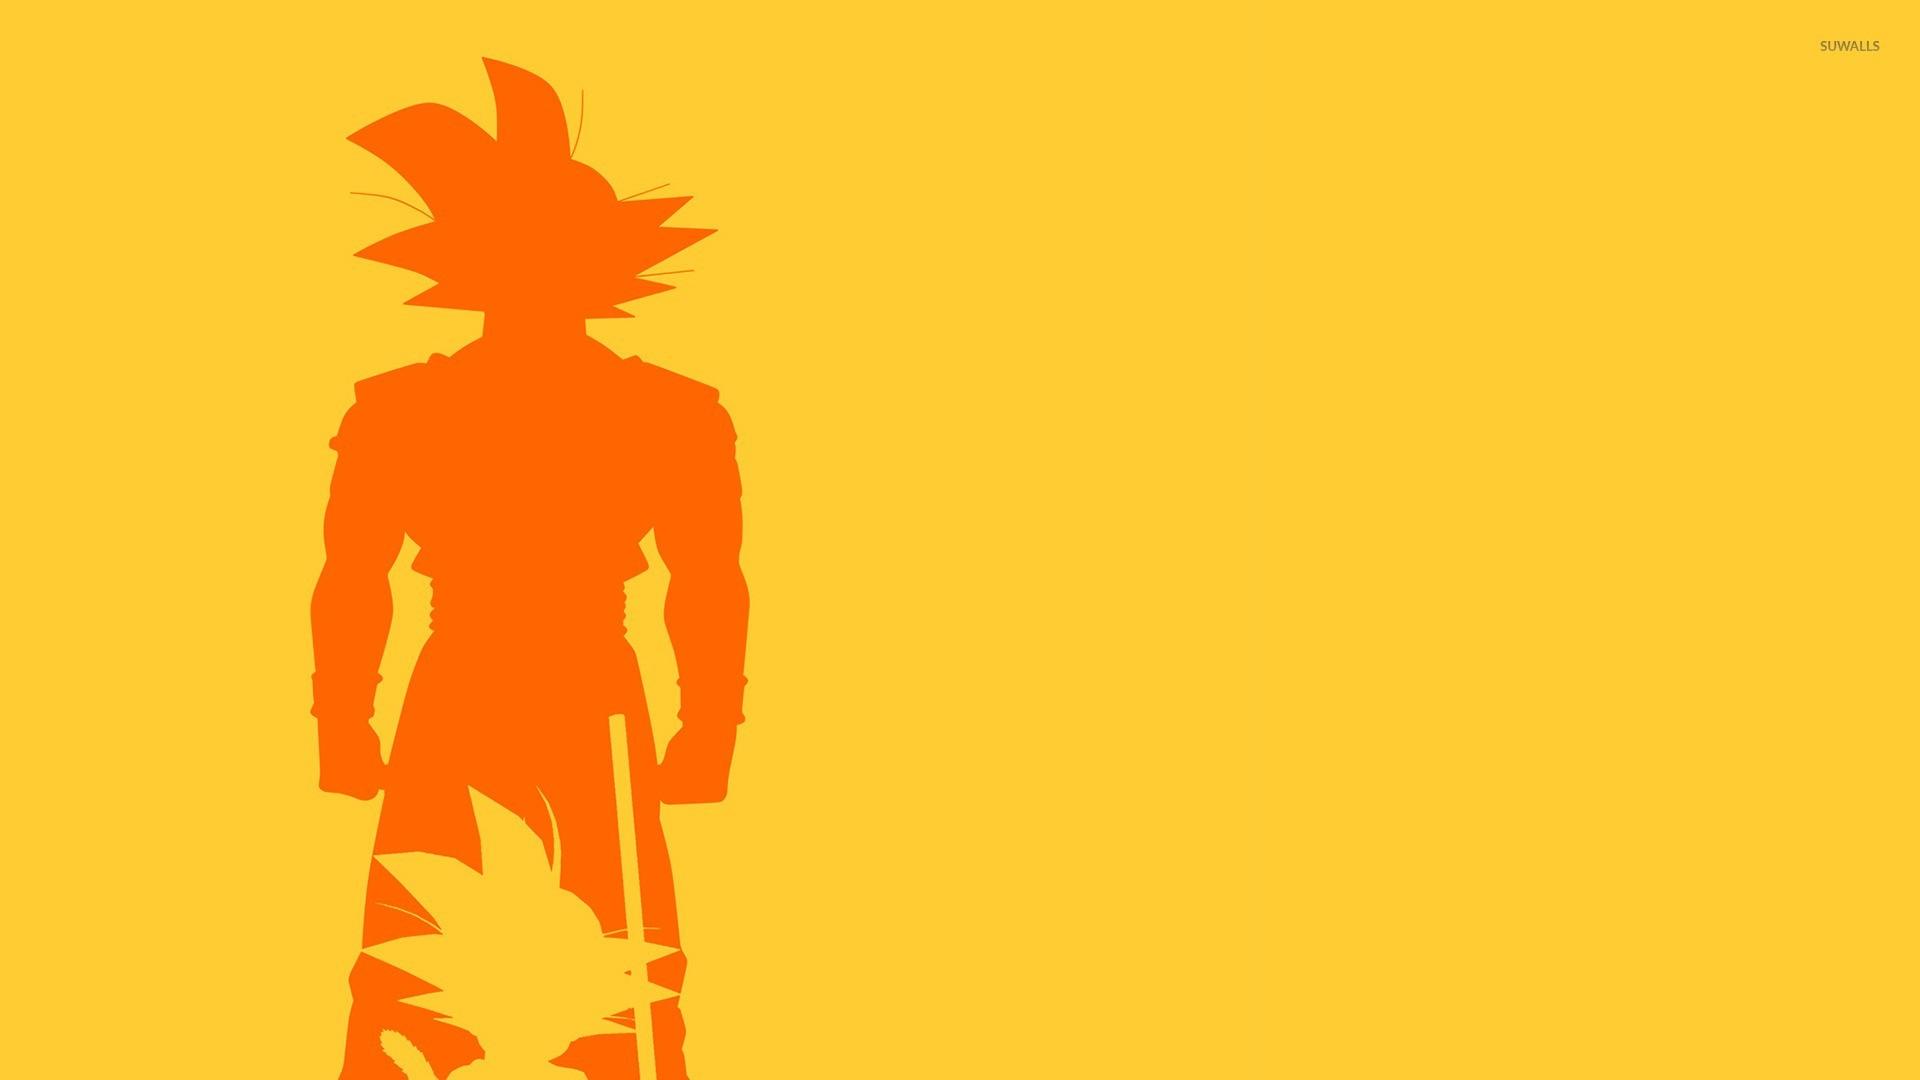 Super Saiyan Live Wallpaper Iphone X Goku Imagenes Hd Wallpaper 2019 Live Wallpaper Hd